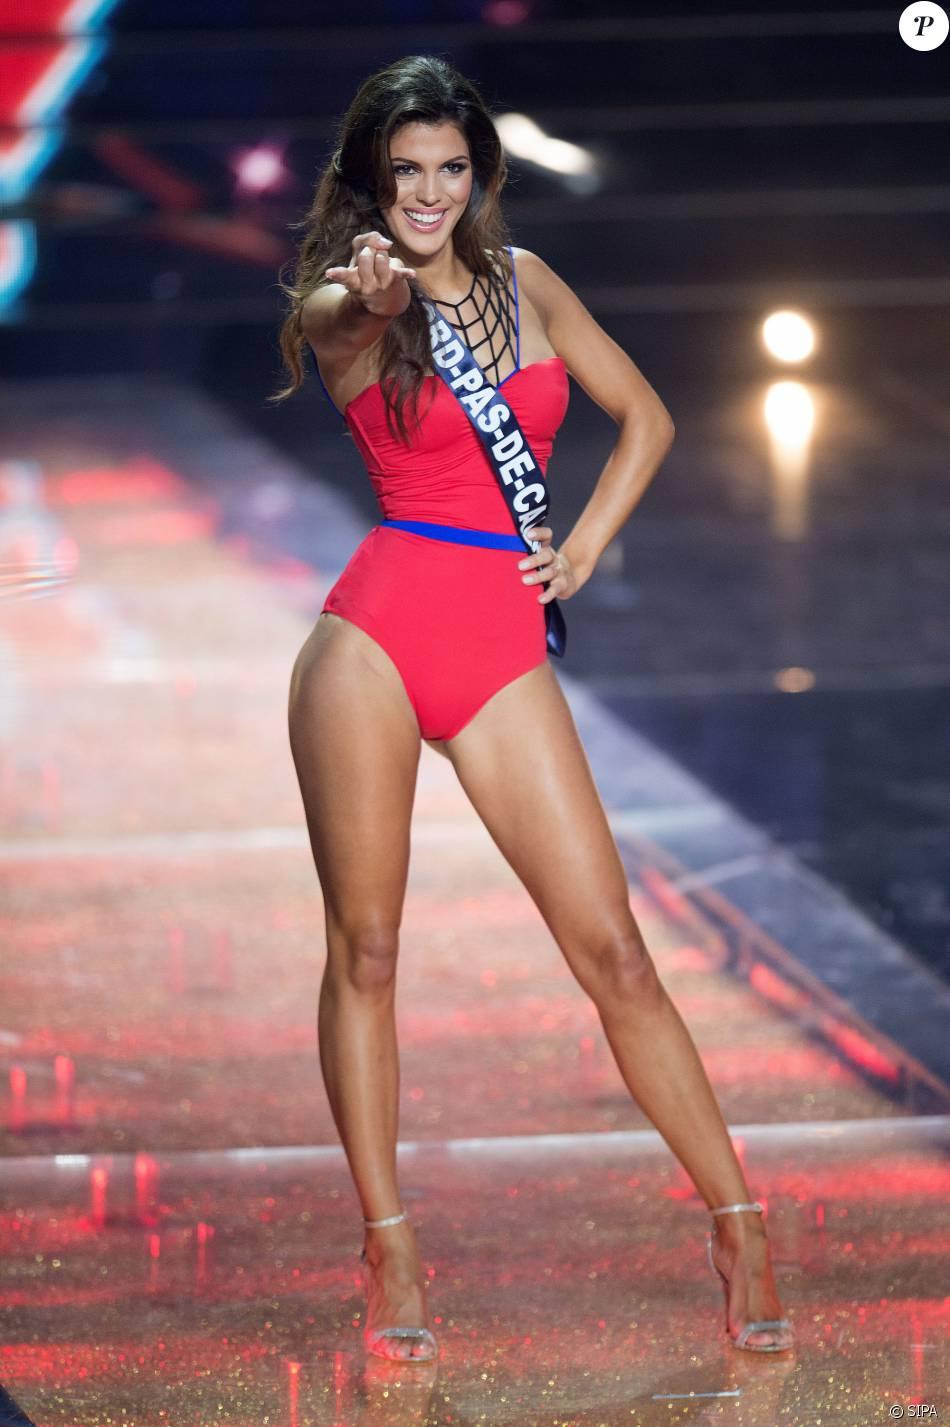 Iris Mittenaere en maillot de bain une pièce, lors de l'élection de Miss France 2016 au Zénith de Lille, le samedi 19 décembre 2015.